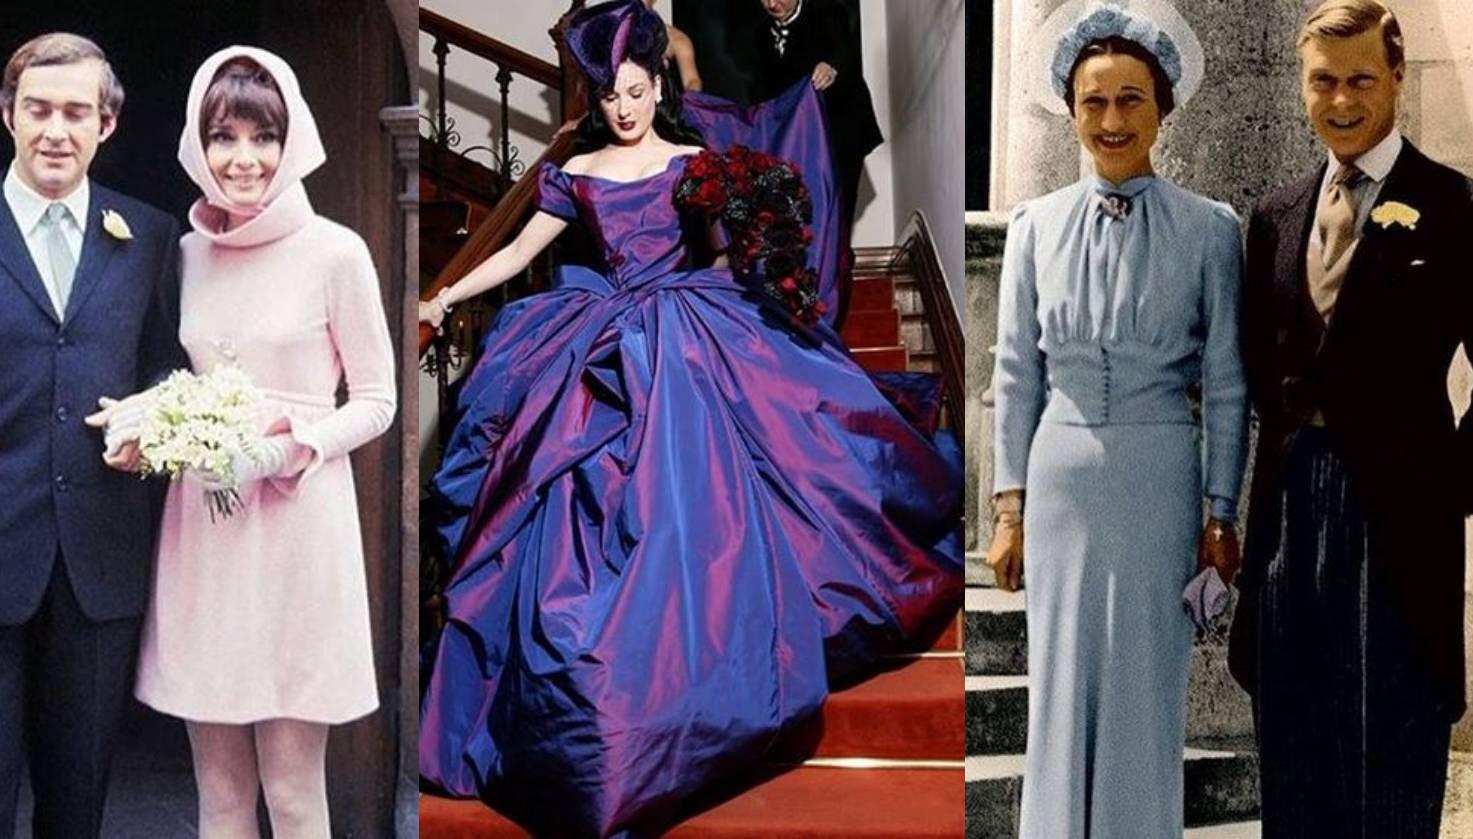 Najneobičnije vjenčanice tijekom povijesti: Od opojno ljubičaste do kostima i bikinija